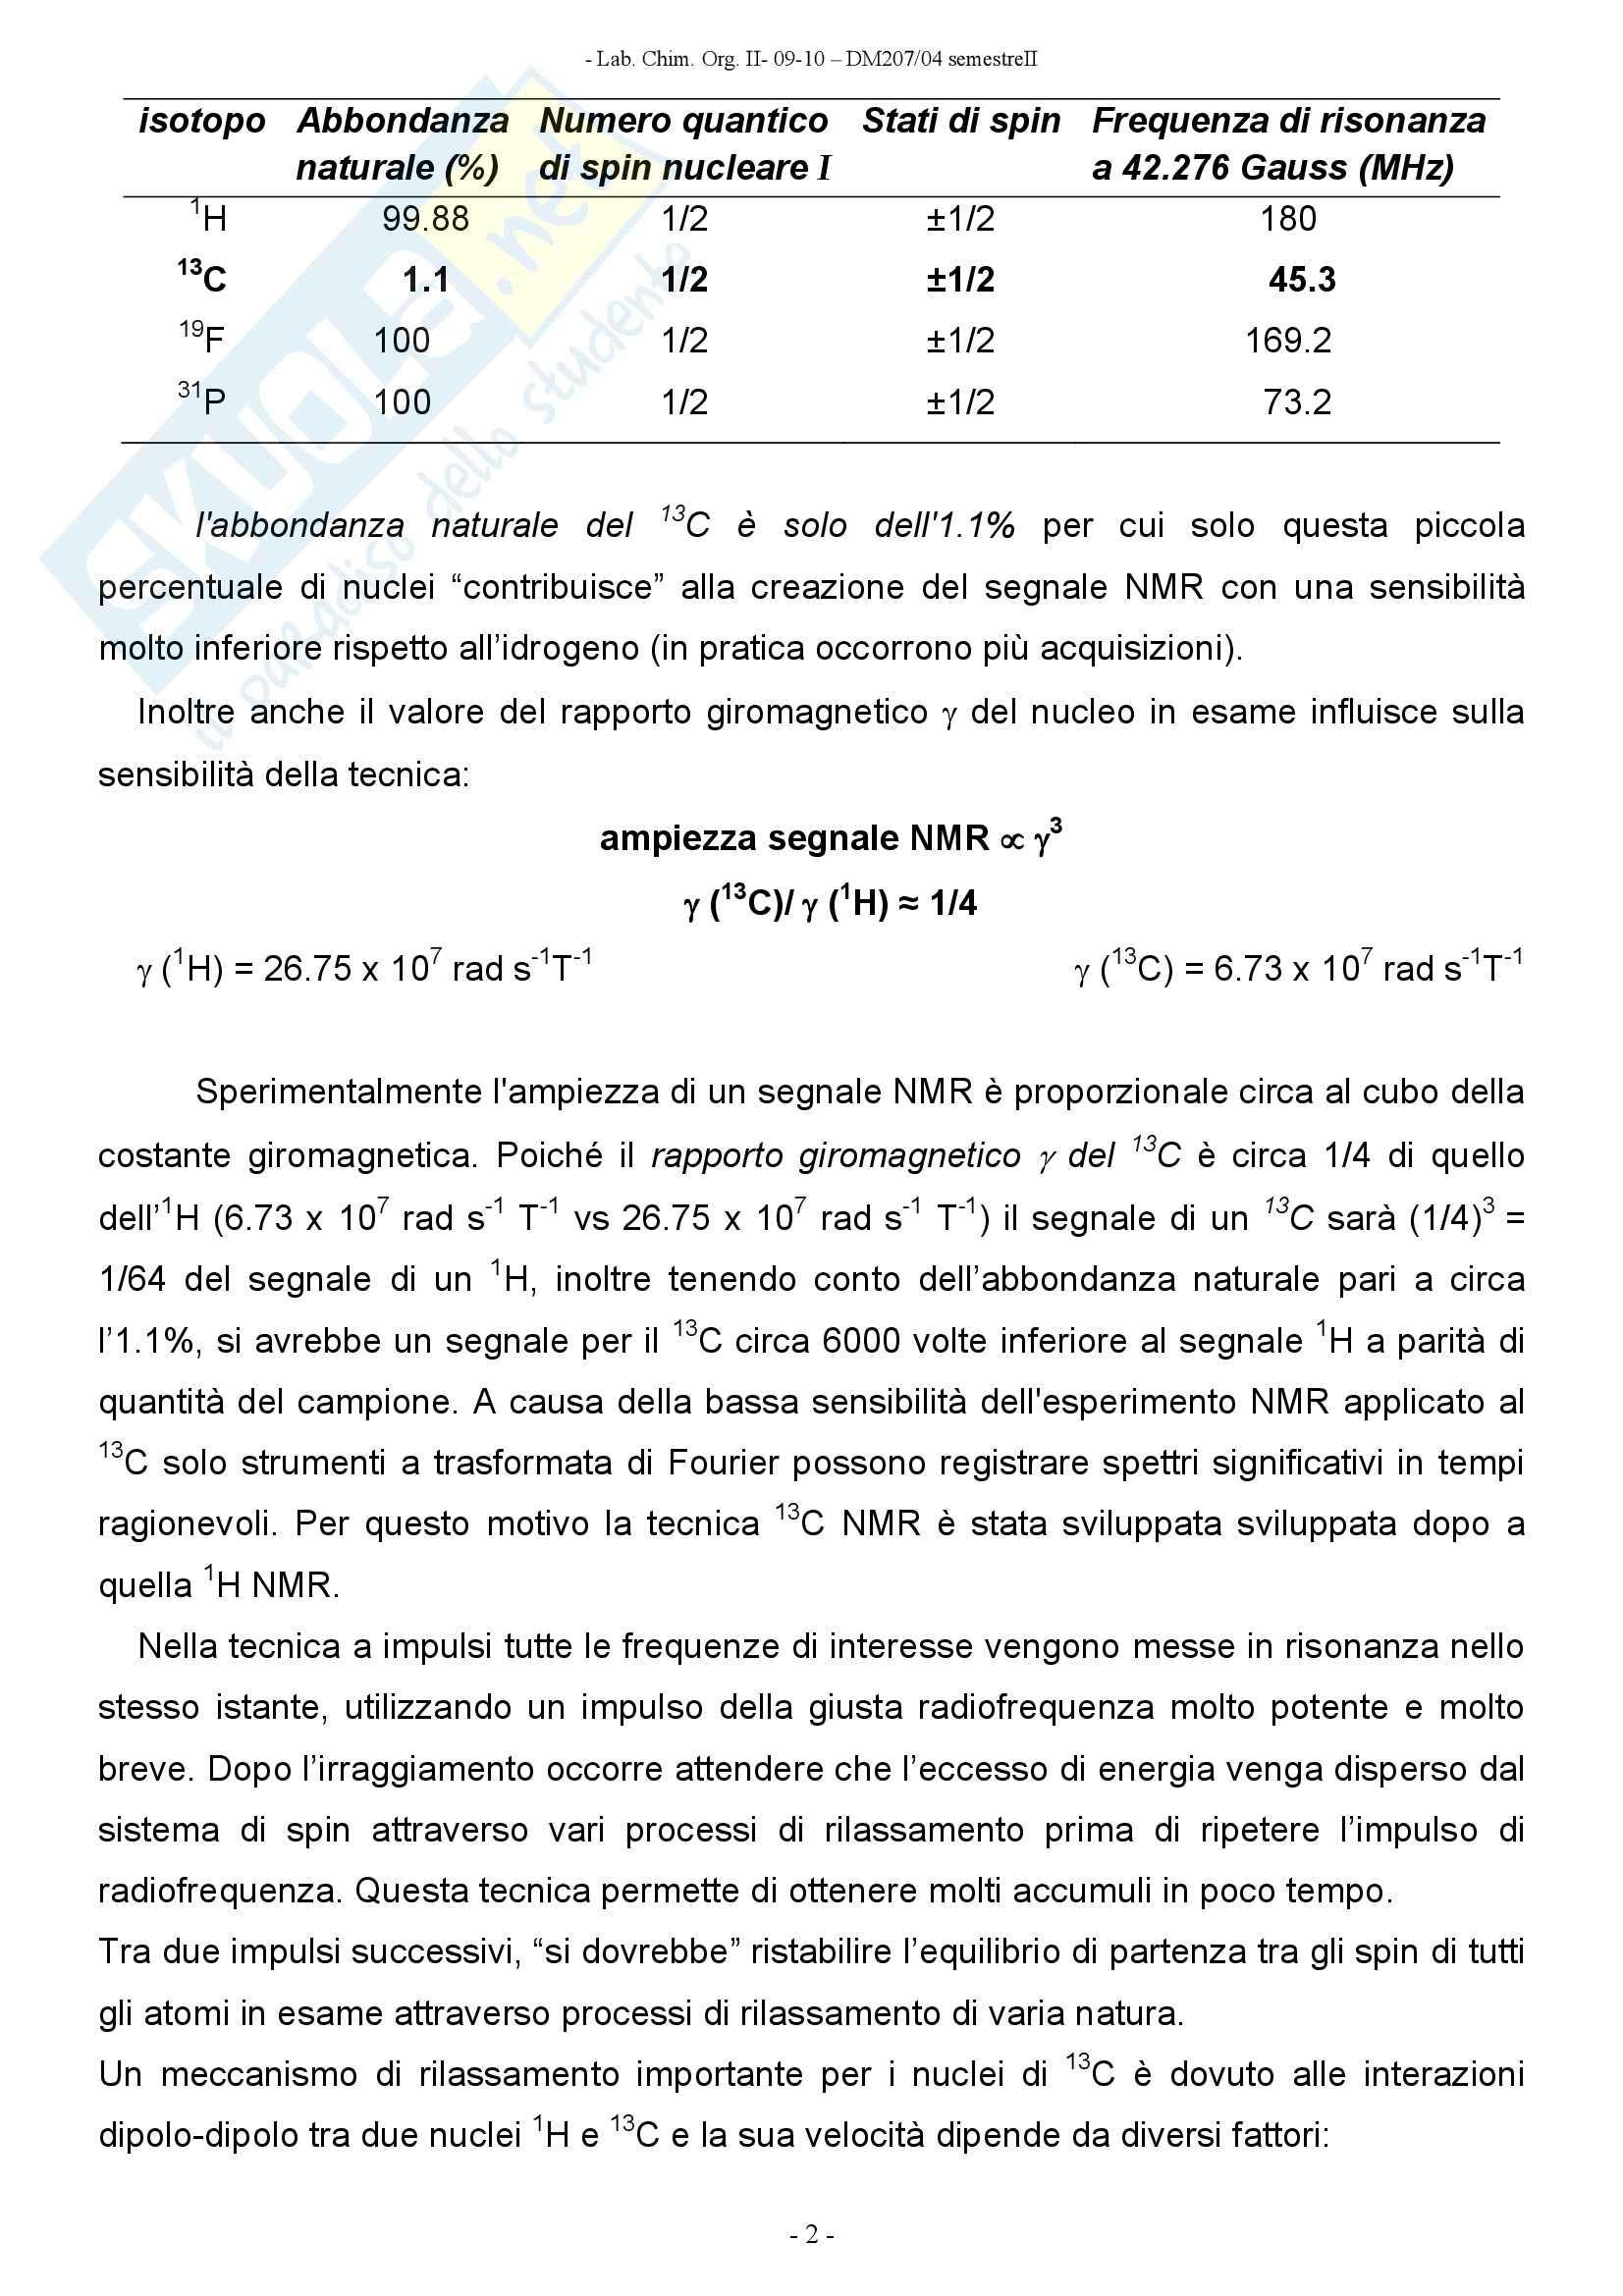 Chimica organica -  spettroscopia di risonanza magnetica al carbonio Pag. 2